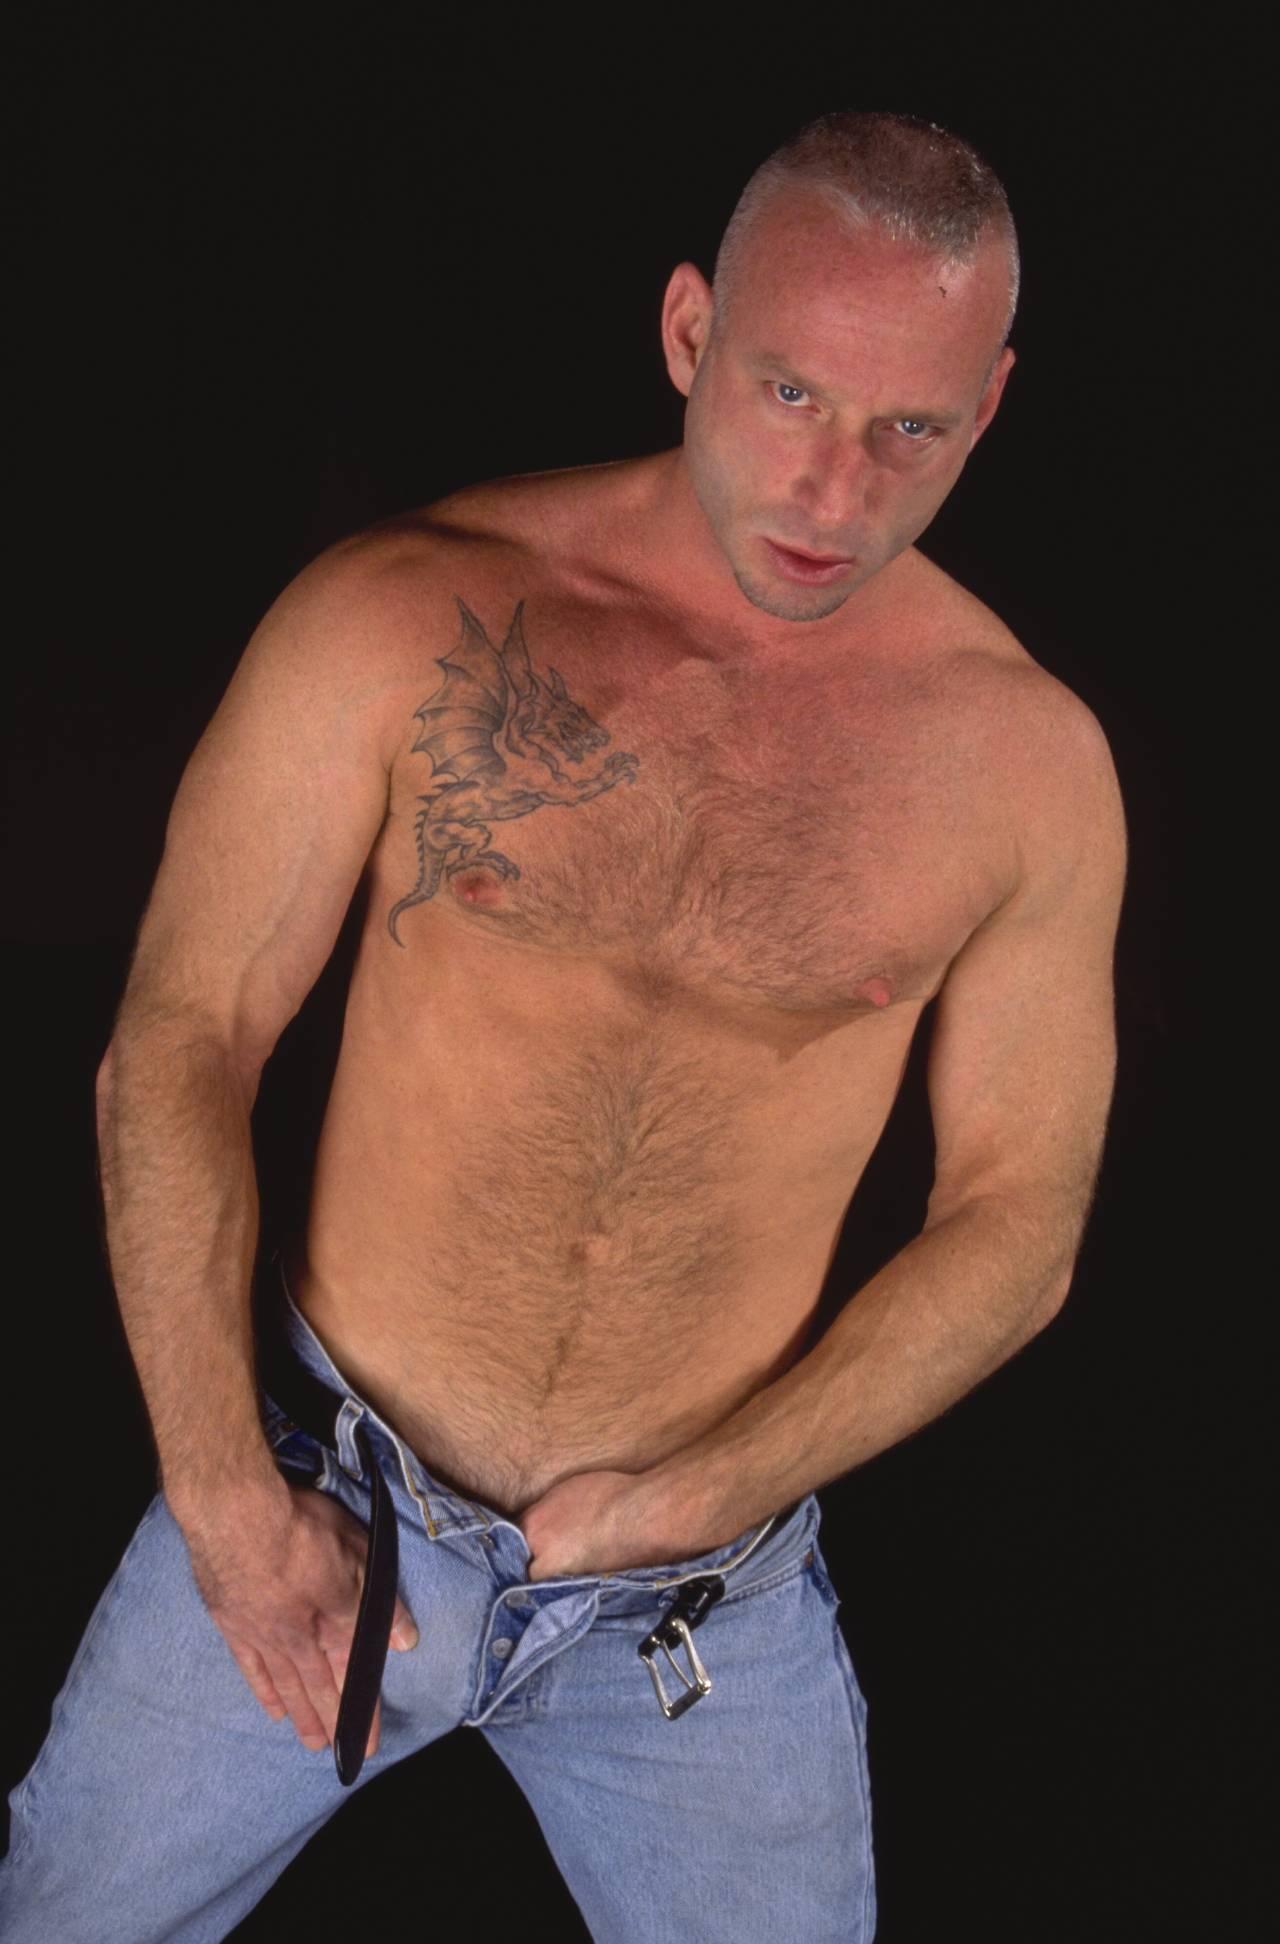 wiley boyd gay porn